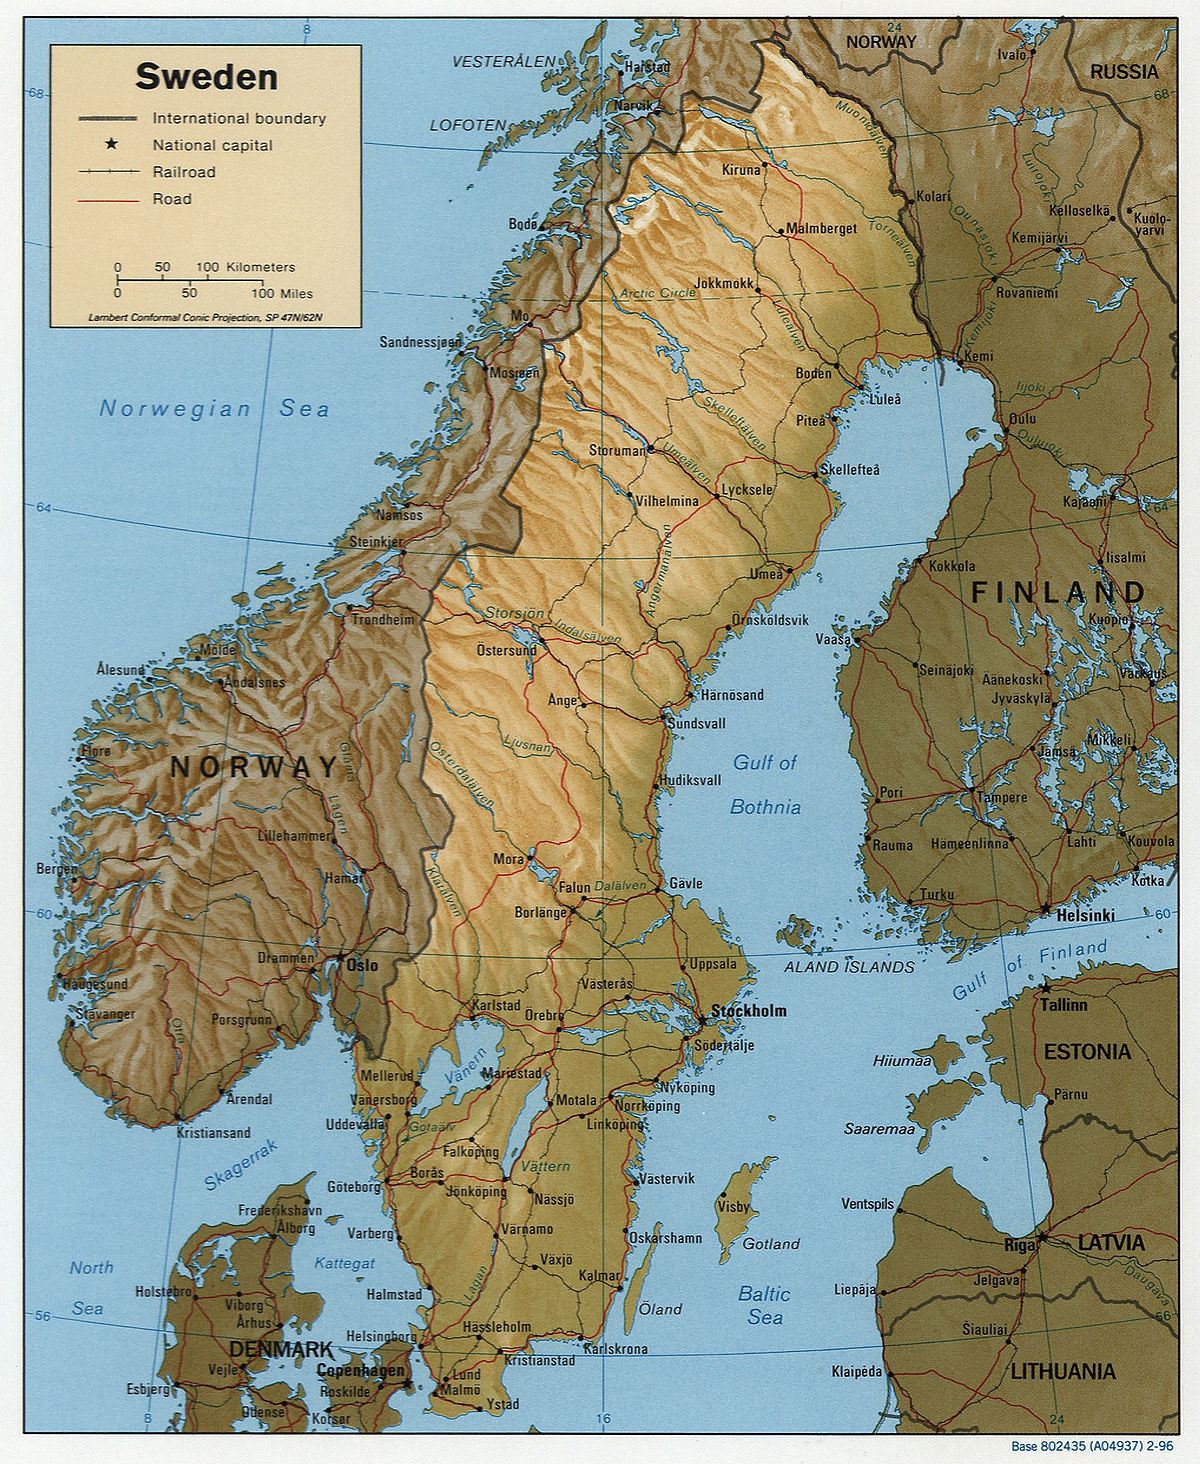 La Norvegia Cartina.Geografia Della Svezia Wikipedia